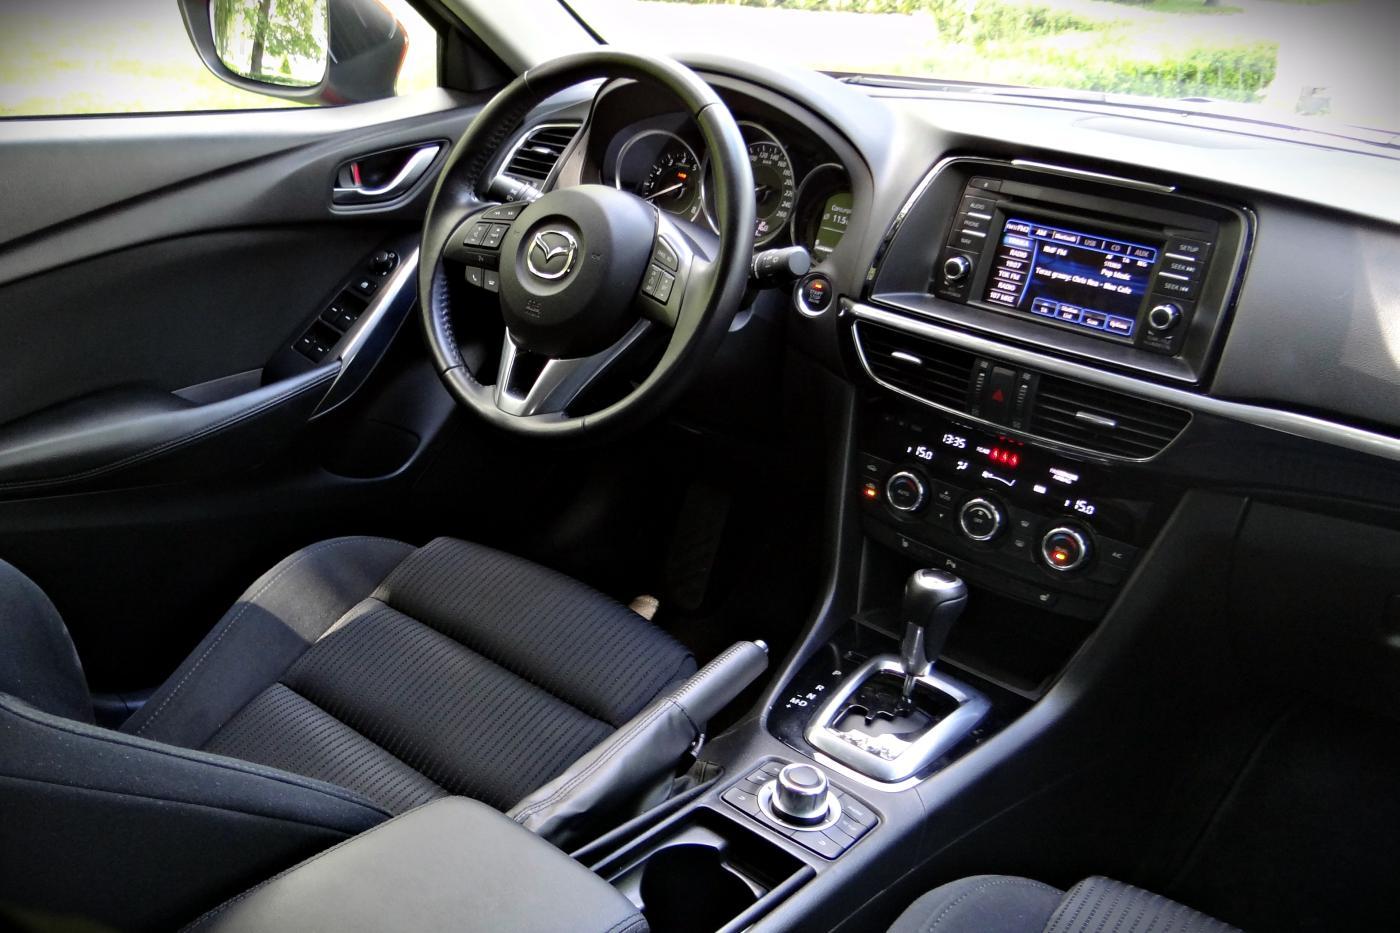 Mazda 6 Sport Kombi 2 0 SKYACTIV-G - TEST, opinie, zdjęcia